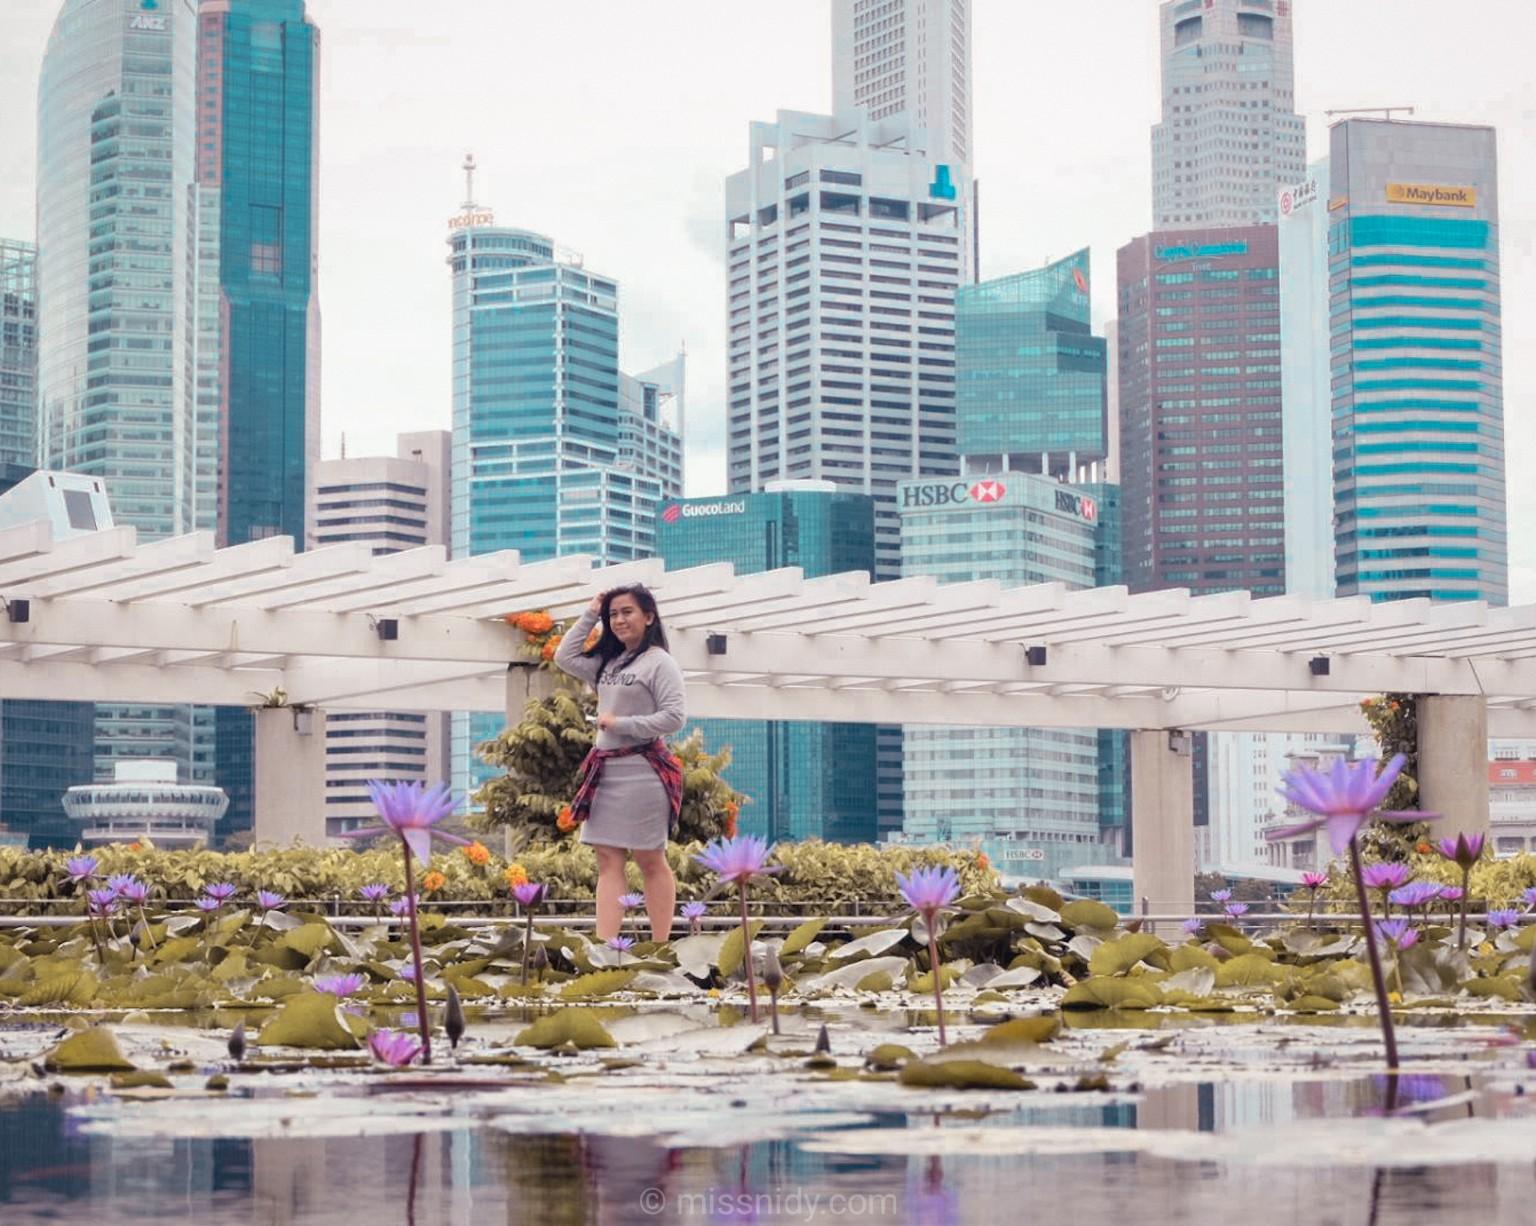 Travelling ke Singapura setelah pandemic covid-19 berakhir